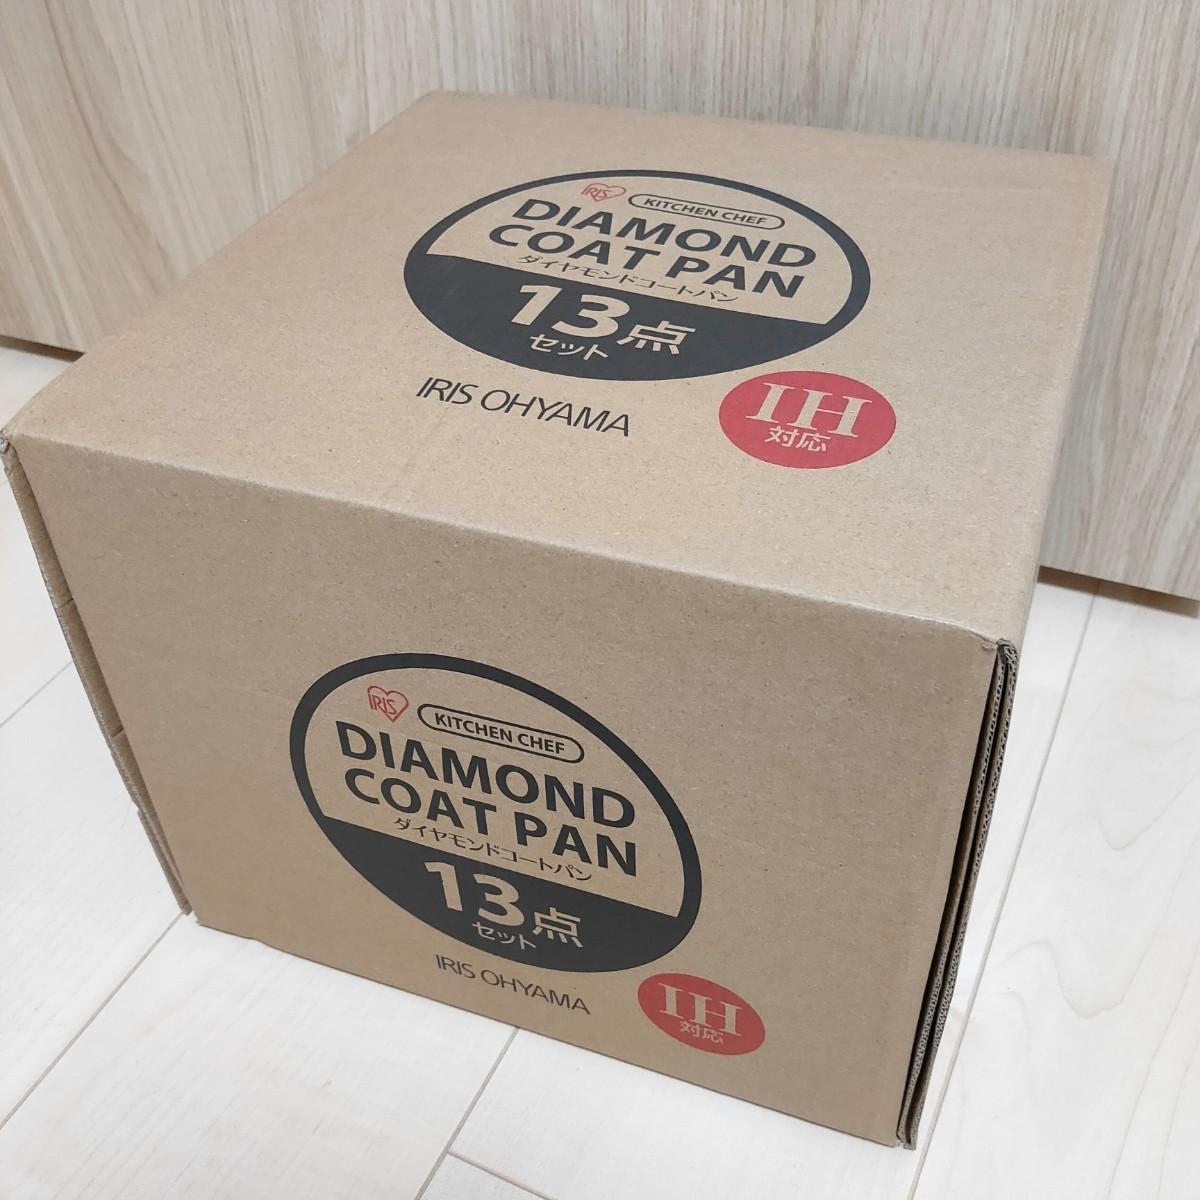 アイリスオーヤマ ダイヤモンドコート フライパン 13点セット 新品未開封